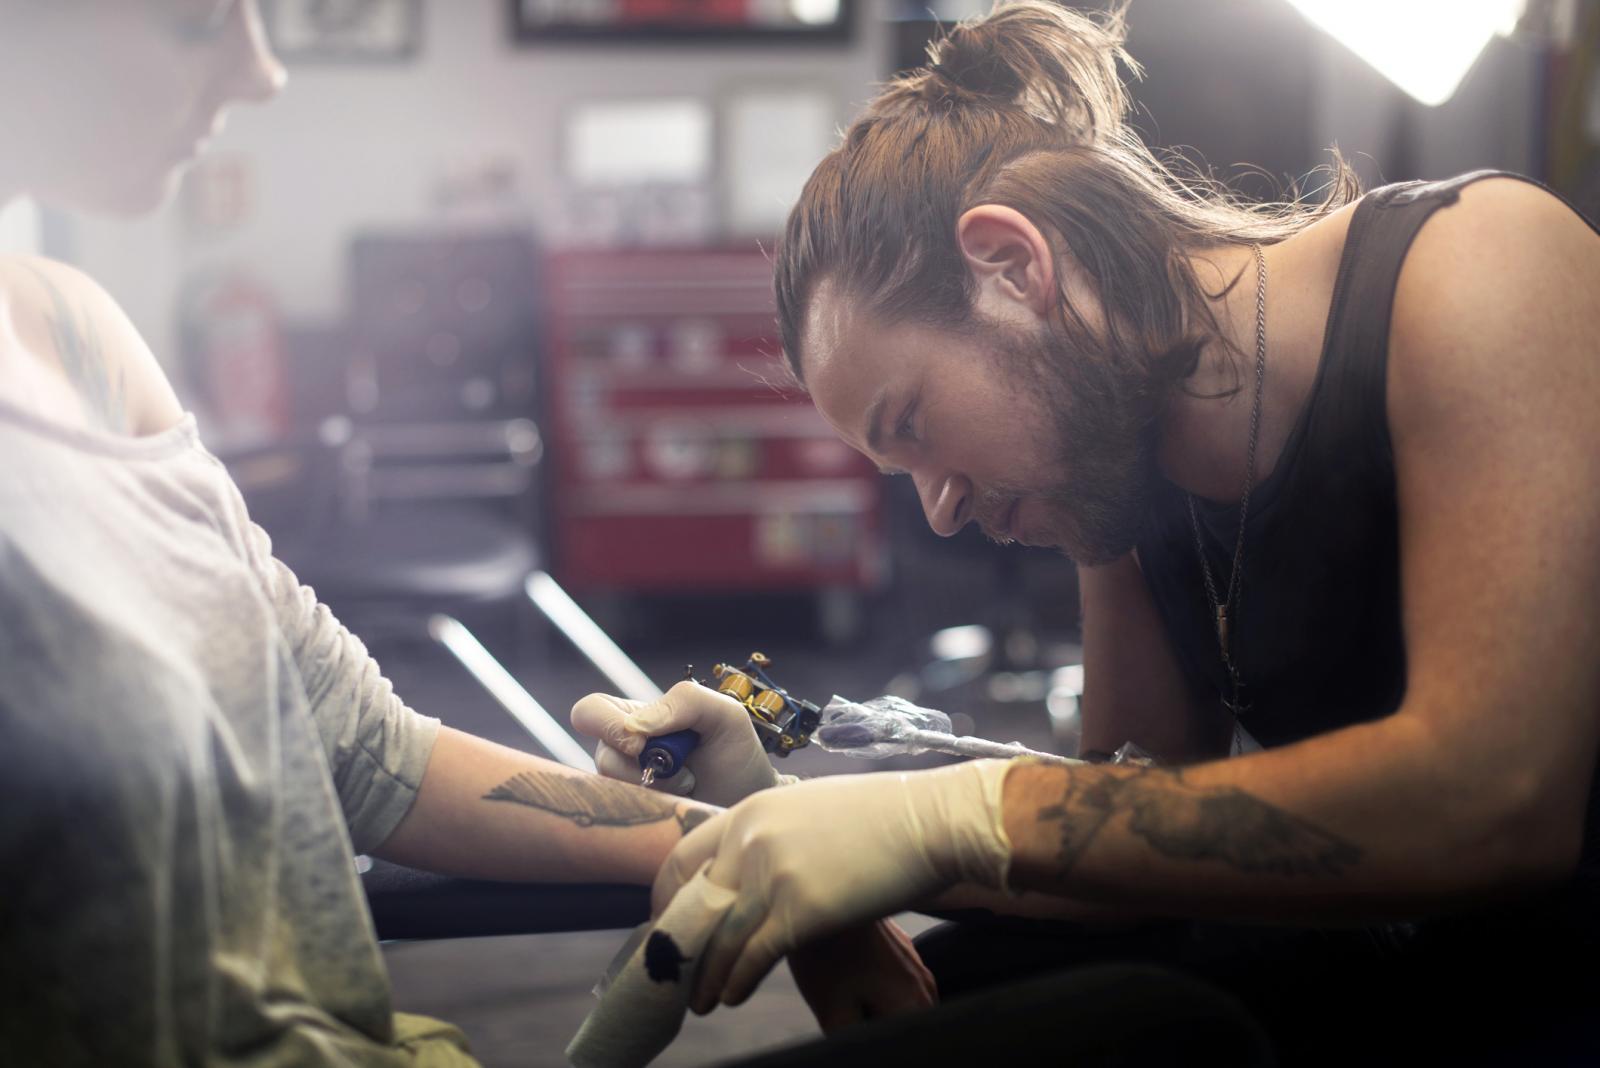 Tattoo expert is working in studio